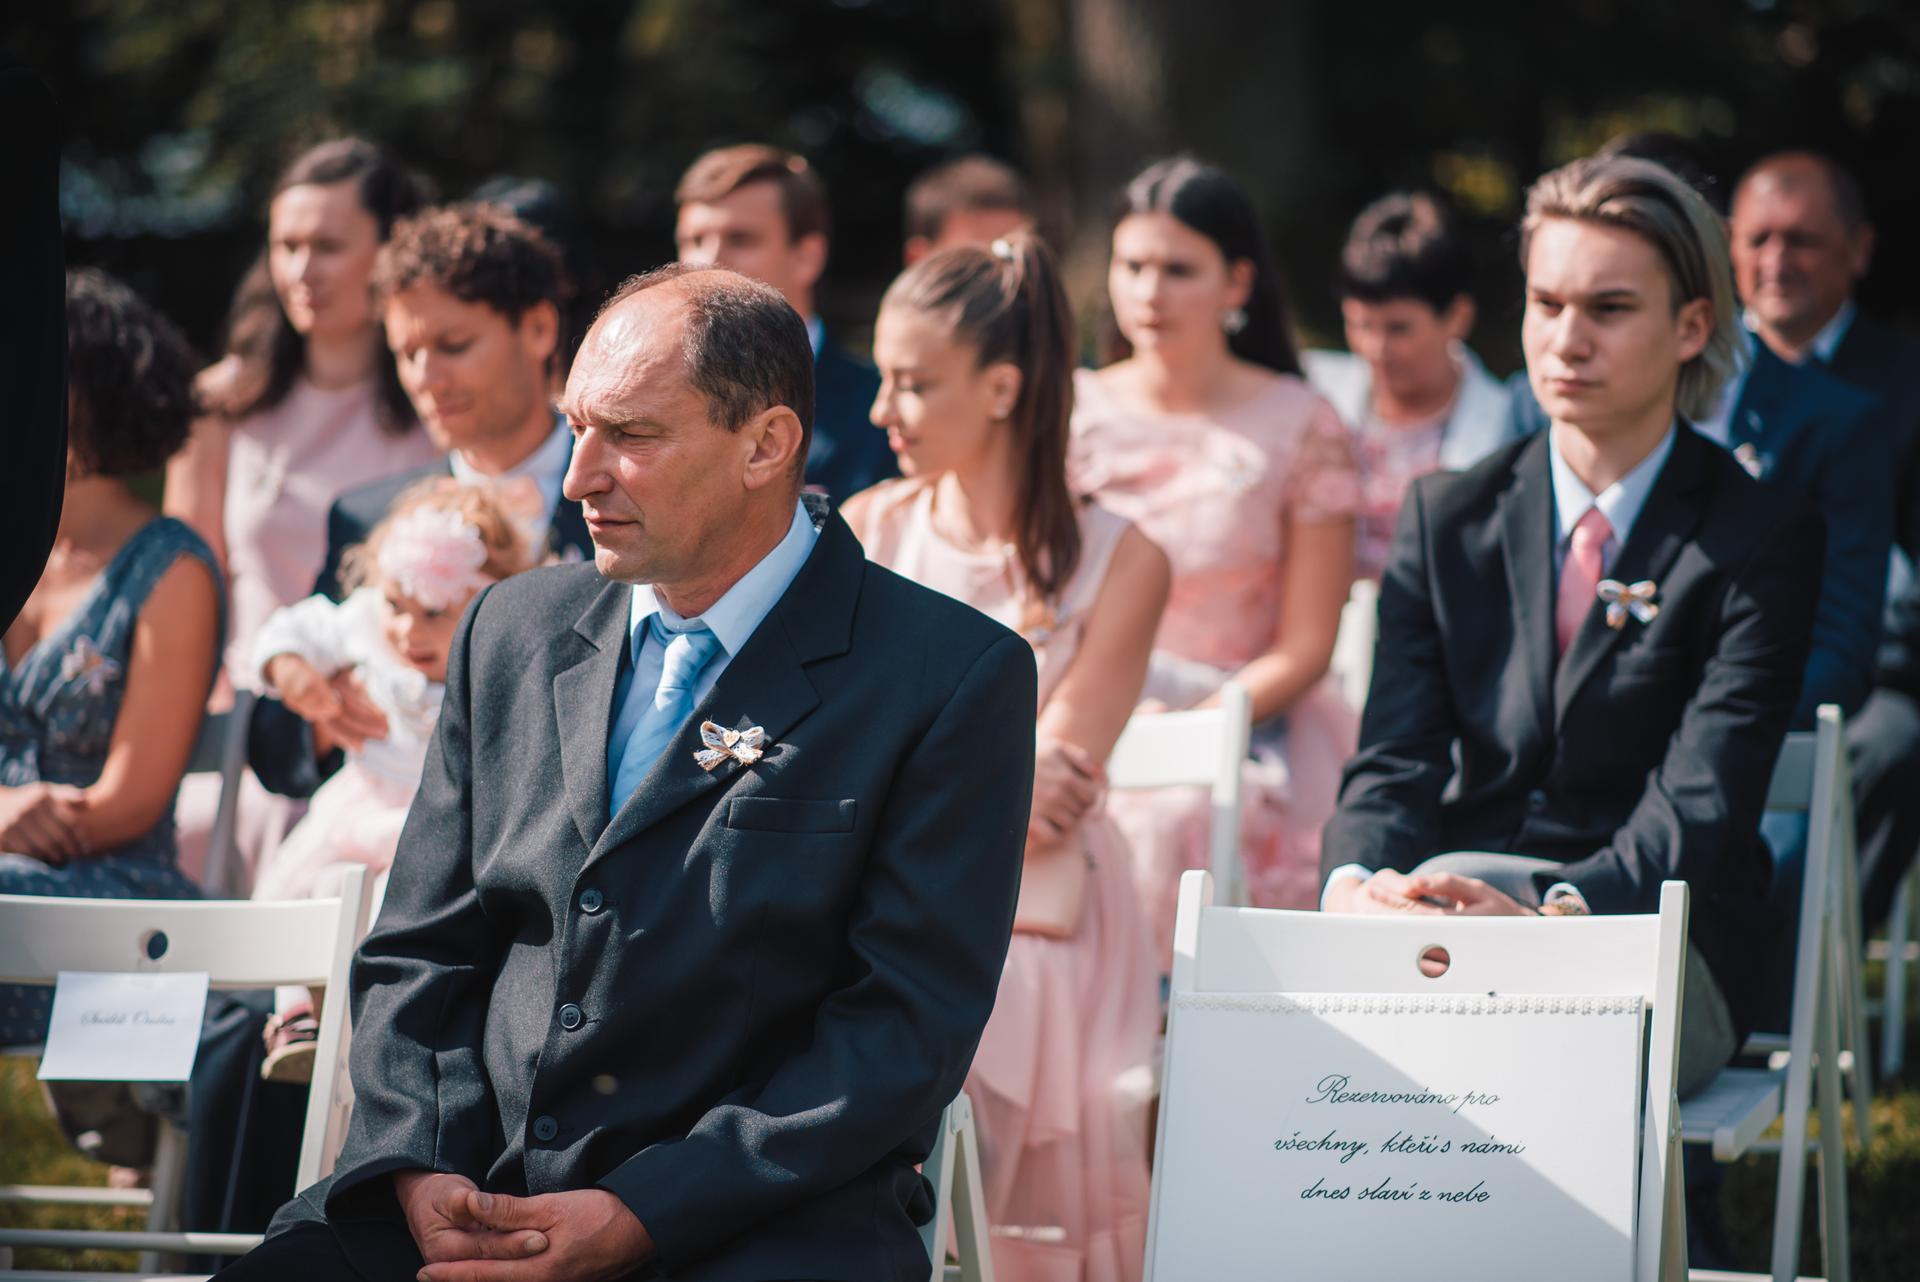 Další fotky z naší svatby - Bohužel nemám jinou fotku téhle cedule. Ležela u ní ještě bílá růže, kterou můj muž po cestě na obřad zlomil na dvě půlky a pár minut před obřadem ještě dával dohromady drátem :D ale nic jsem nepoznala a přiznal mi to až měsíc po svatbě :D